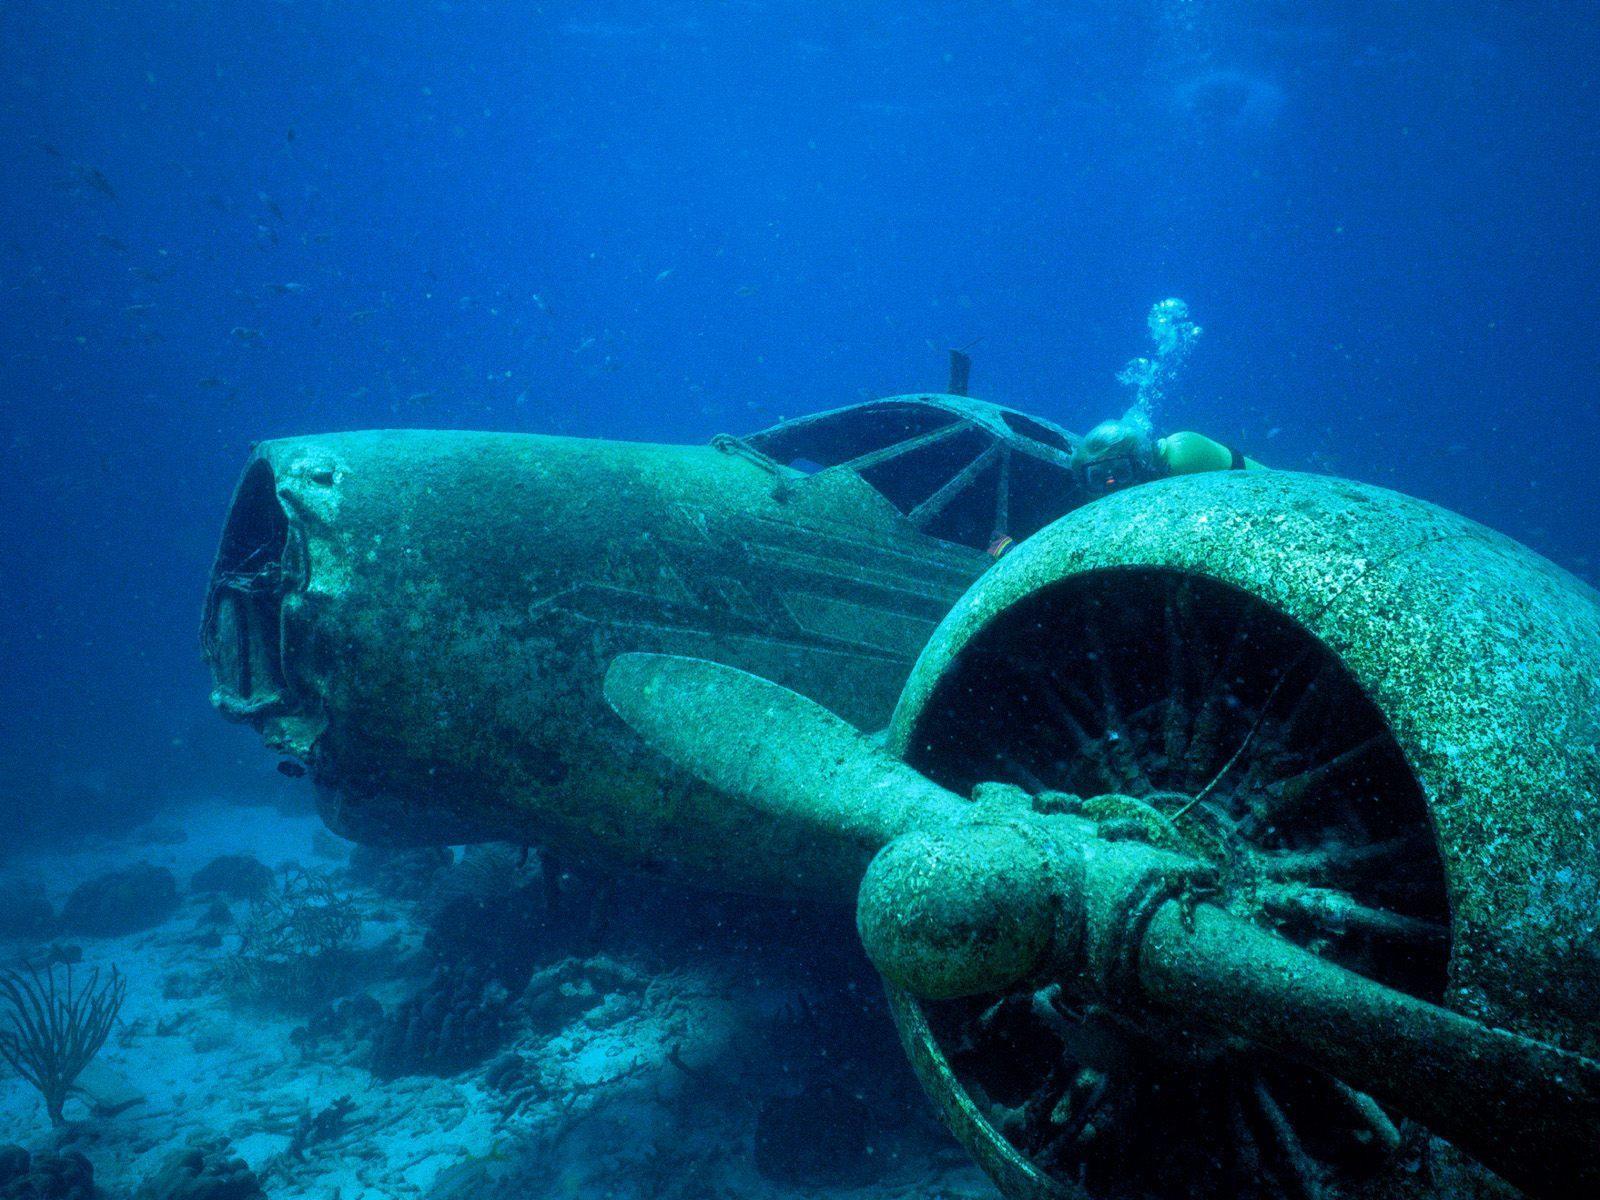 Aviões submersos na região do Triângulo das Bermudas (Foto: Reprodução)